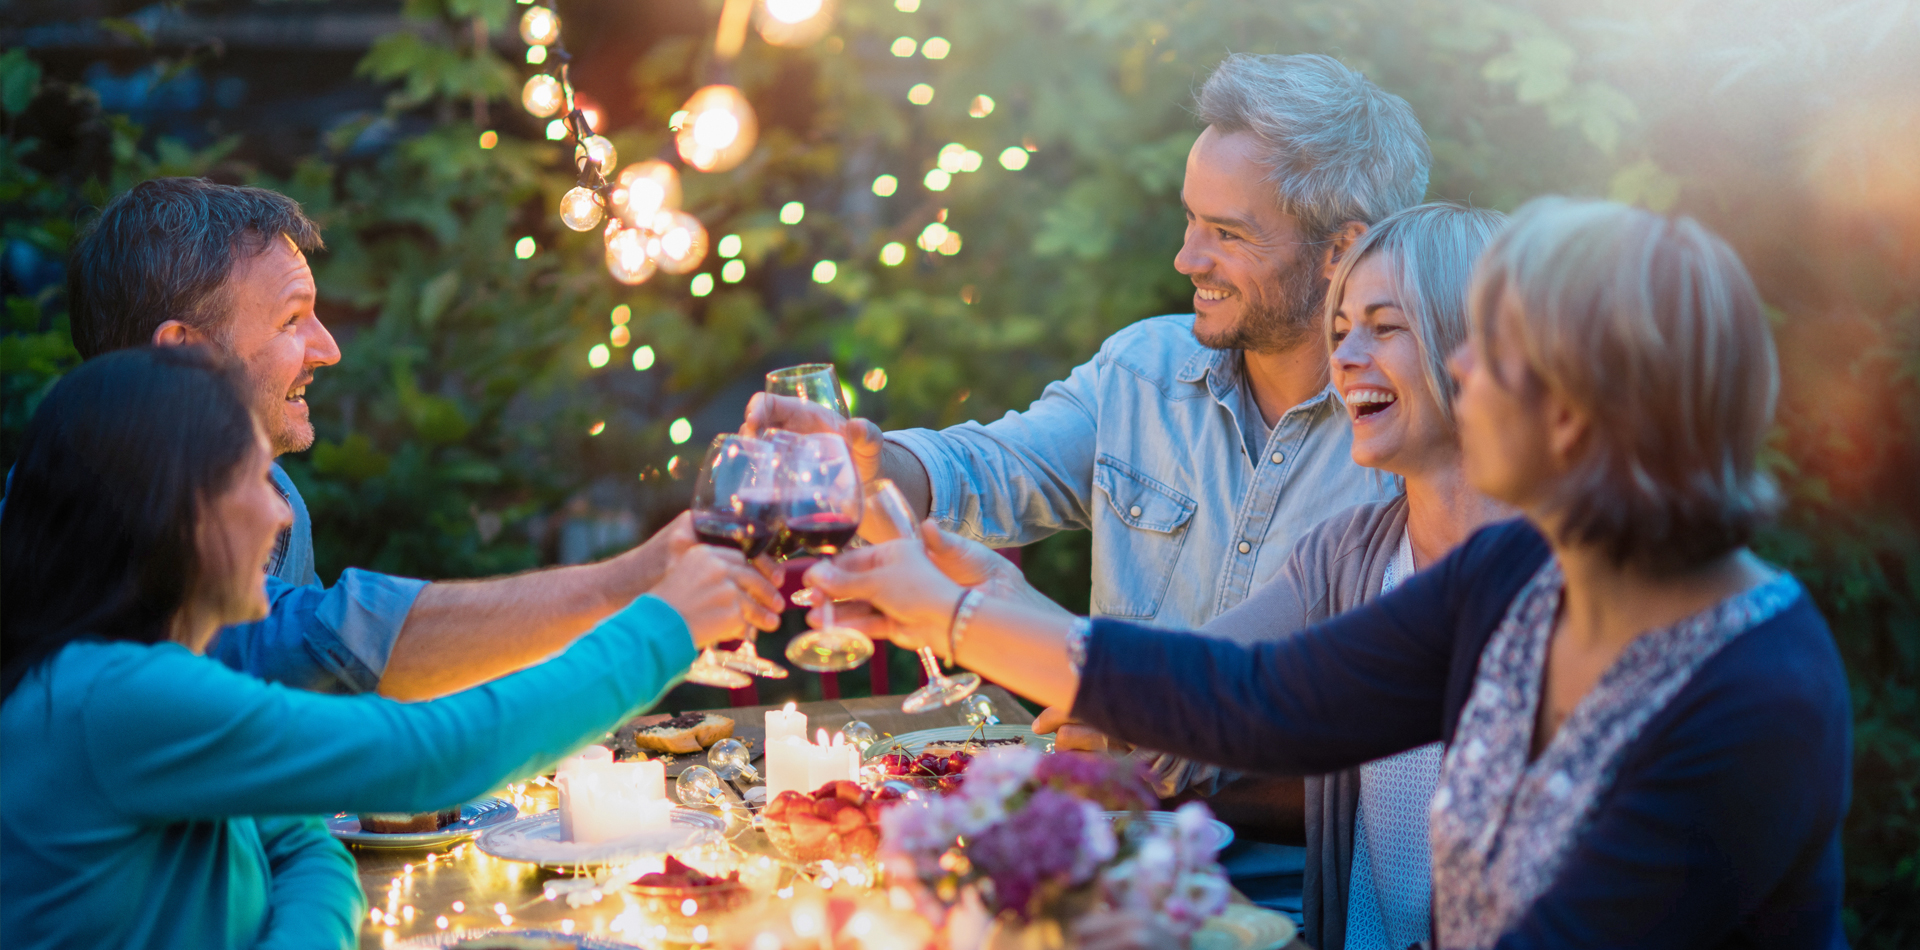 Feiern im Garten mit Freunden und Holzhäusern von WEKA